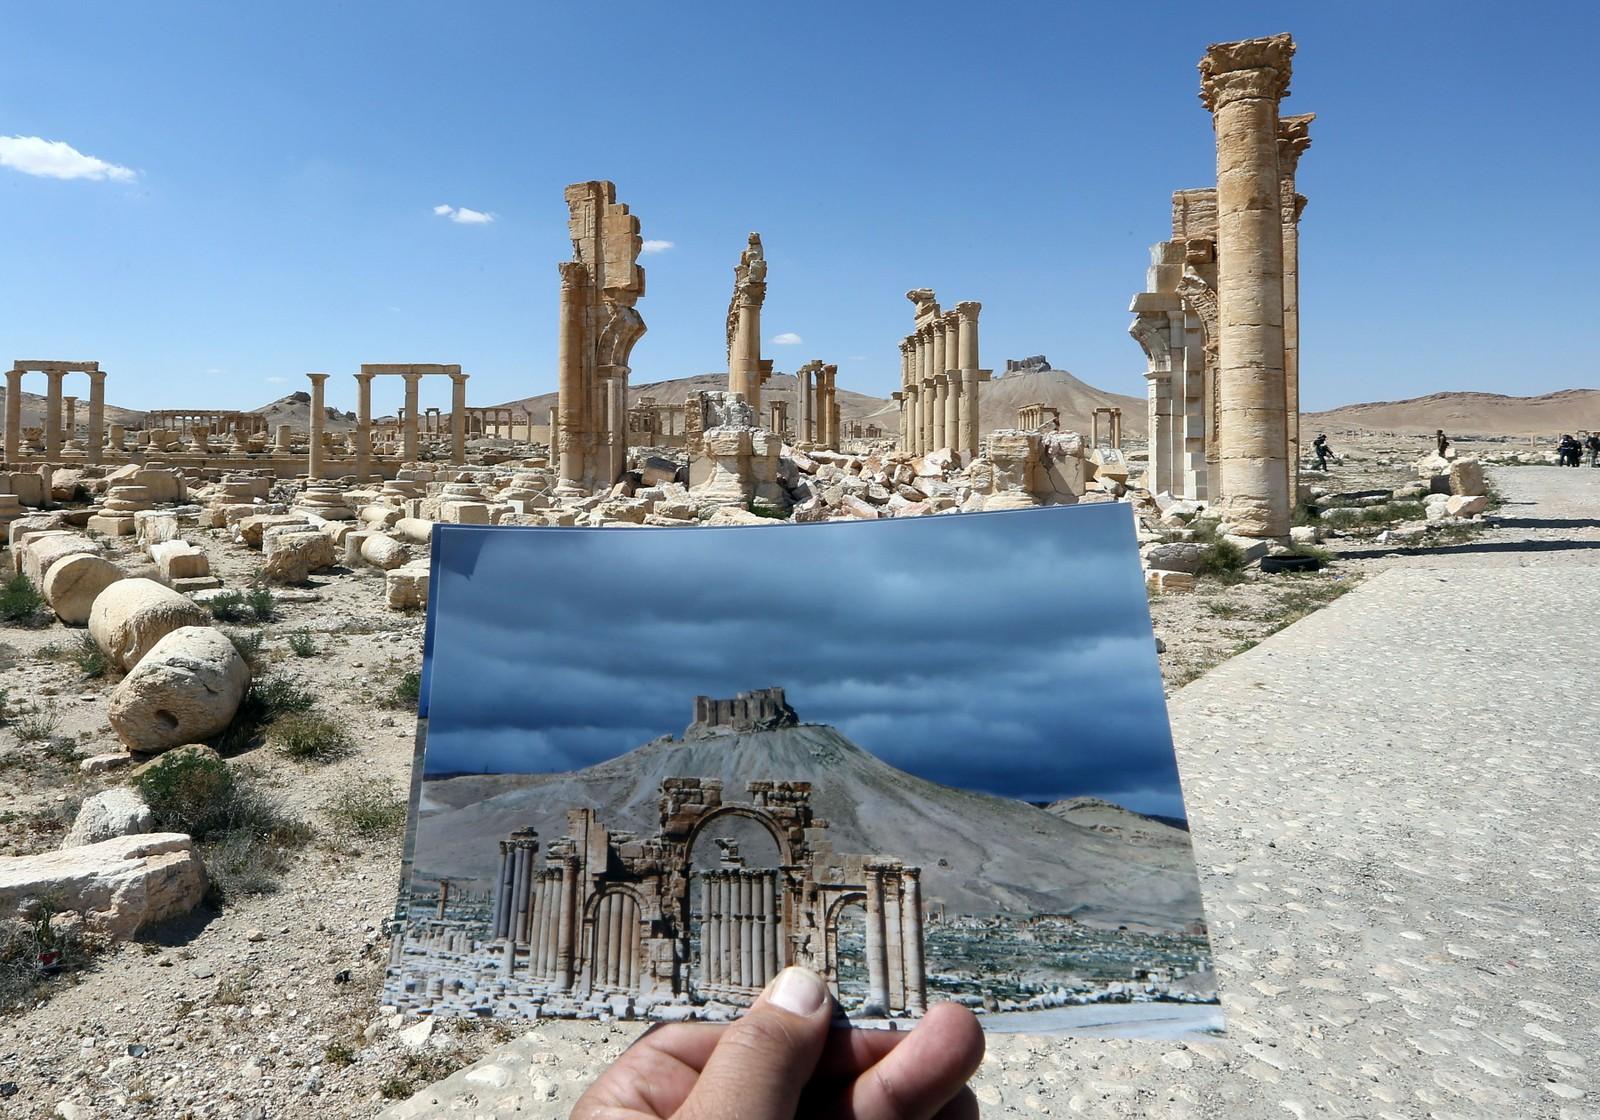 Flere tusen år gamle romerske ruiner og historiske monumenter har gått tapt etter at IS inntok verdensarvbyen Palmyra i fjor. Her ser vi restene av triumfbuen i oltidsbyen.